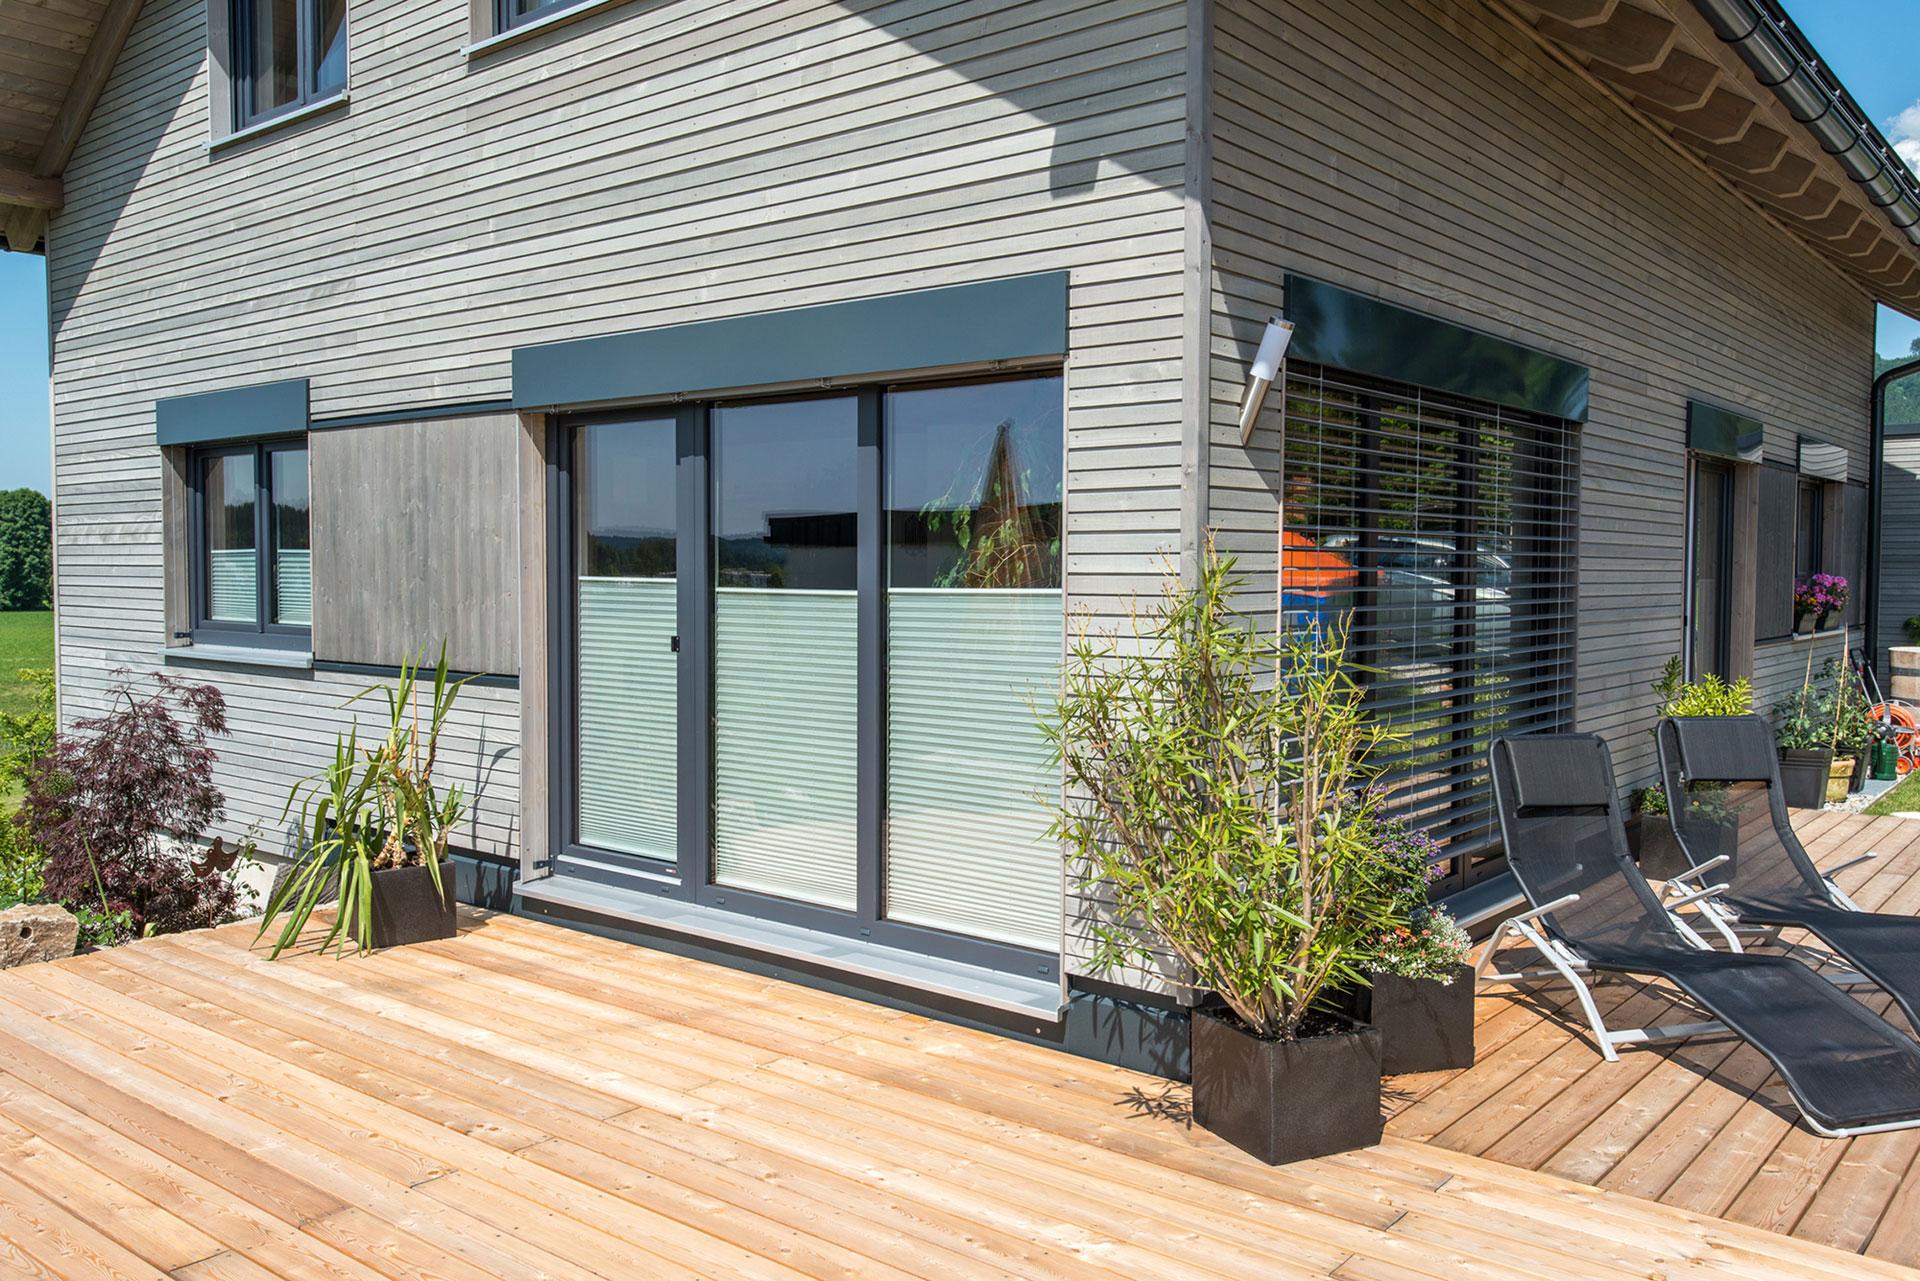 holzfenster neu abdichten holzfenster neu streichen diy anleitung fenster kitten anleitung in. Black Bedroom Furniture Sets. Home Design Ideas